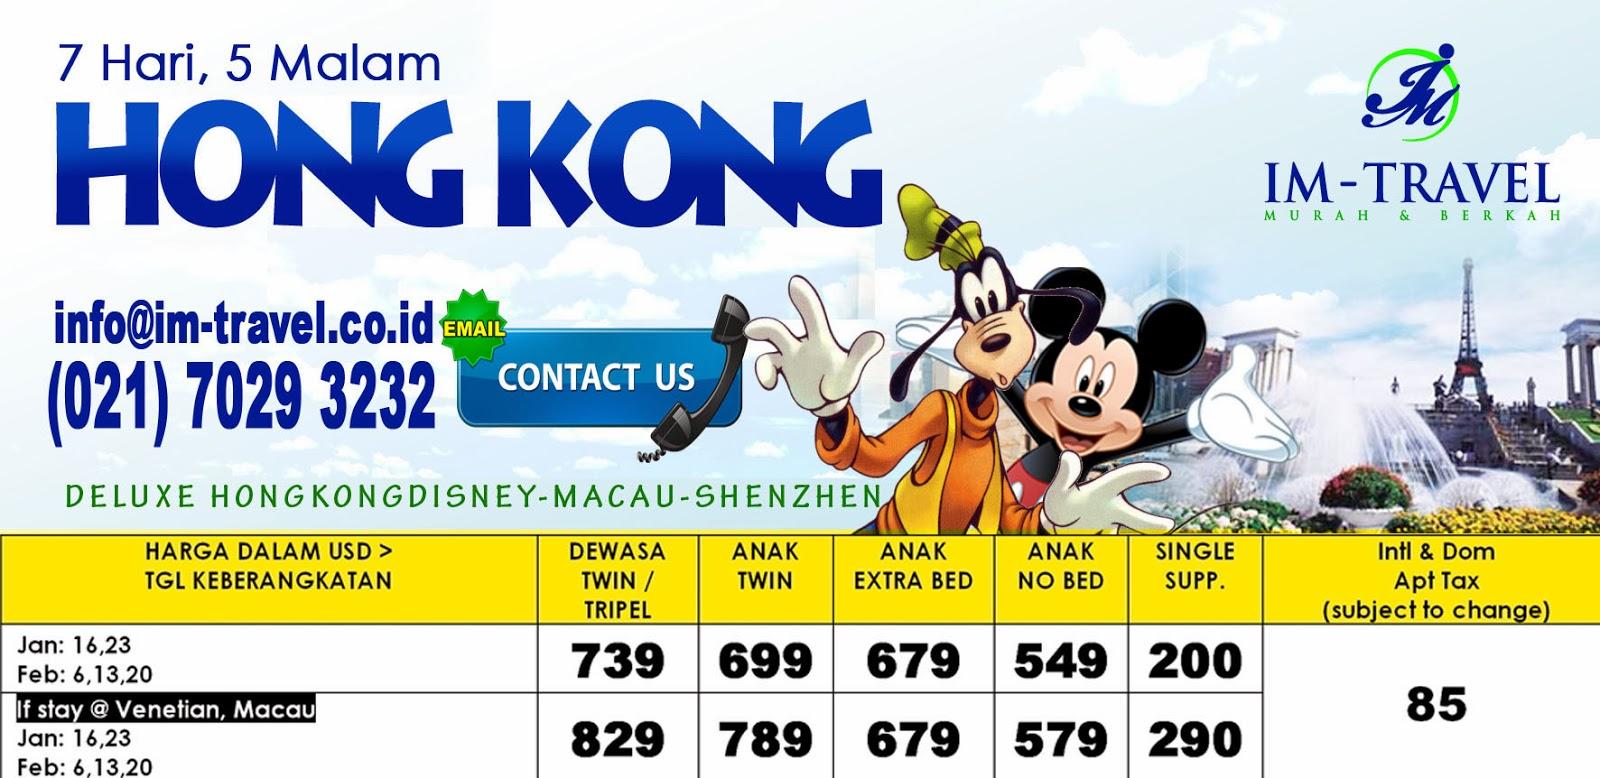 Paket Tour Wisata Thailand Korea Jeju Island Saigon Tiket Disneyland Hongkong Dewasa Ter Harga Disney Shenzhen Macau Oktober Hingga Desember 2014